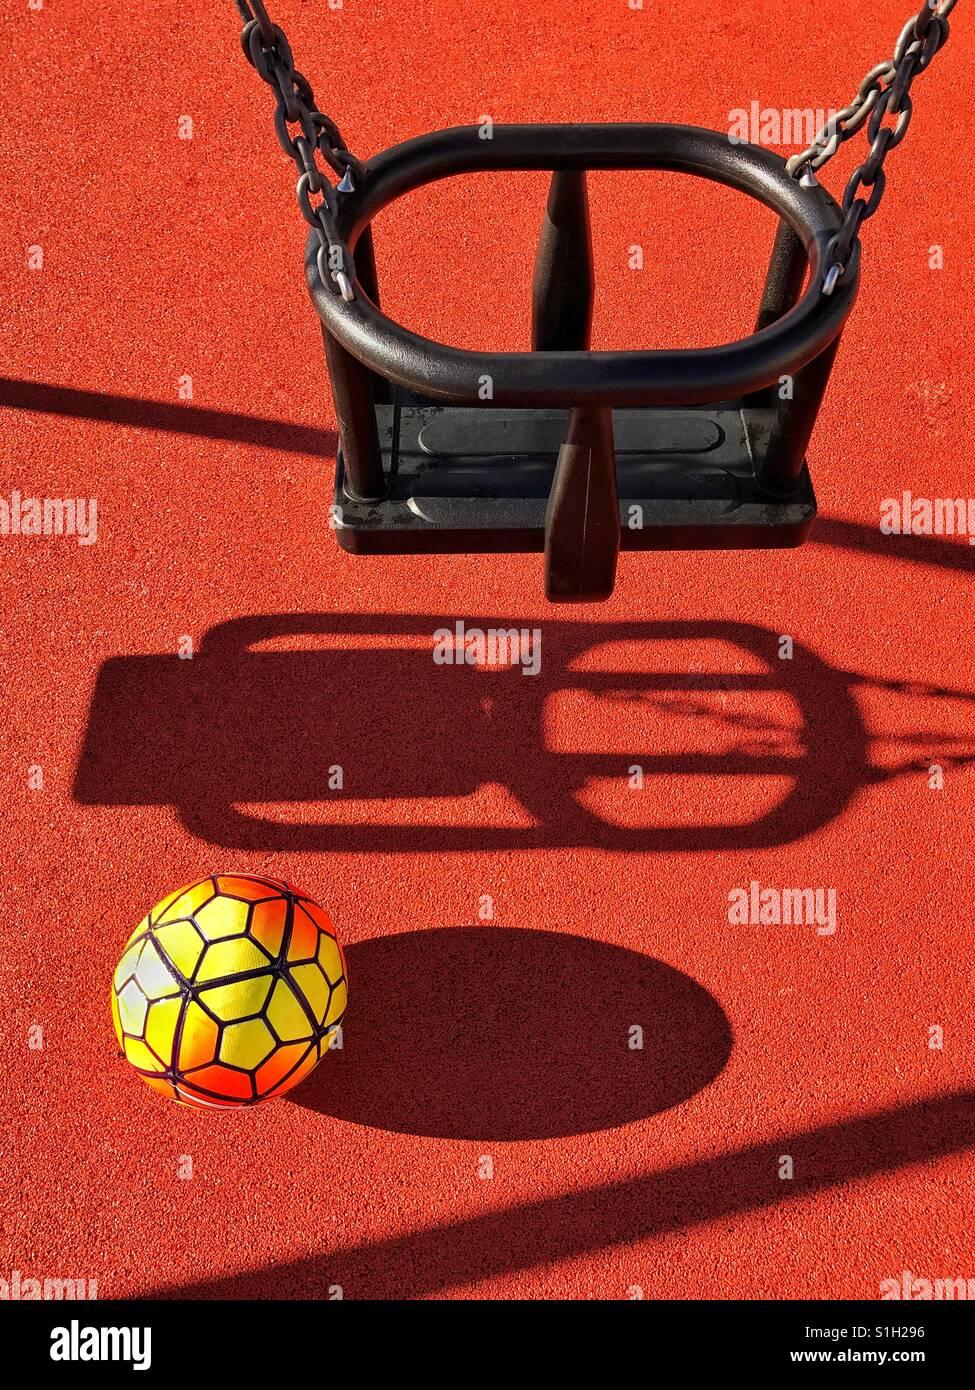 Un lone football si siede sotto un unico oscillare in un parco giochi per bambini. Si tratta di un luminoso pomeriggio Immagini Stock